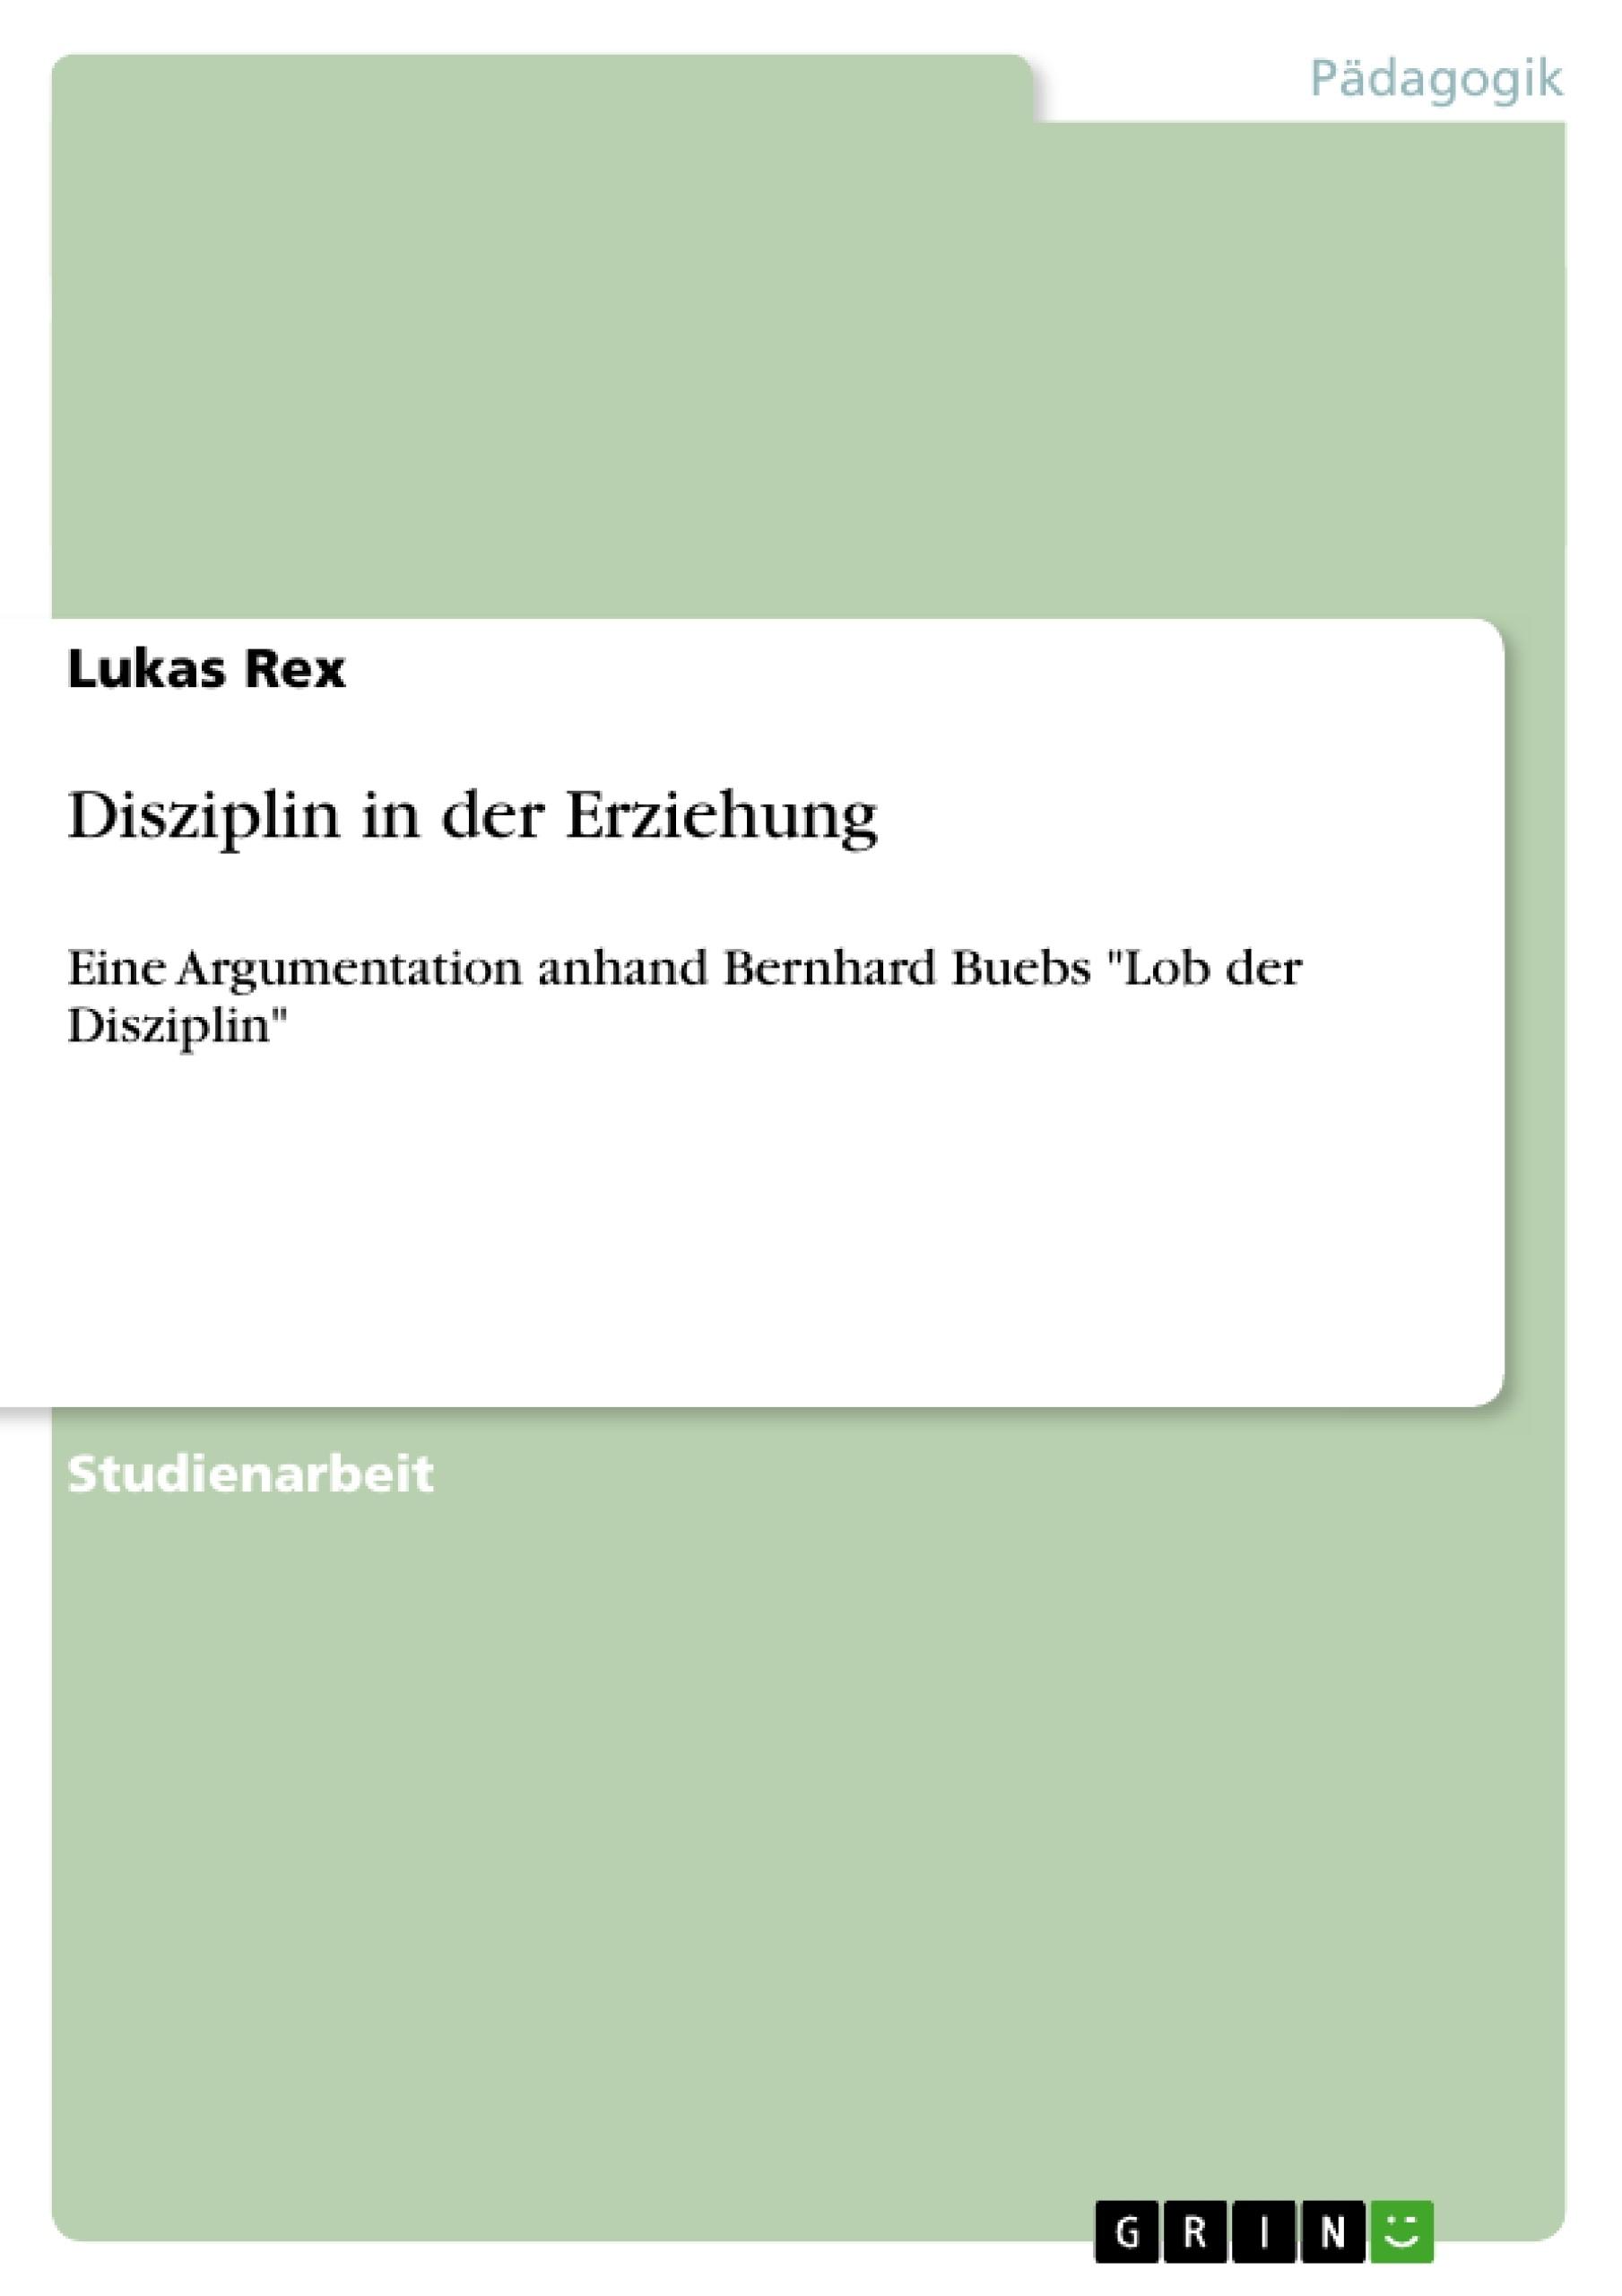 Titel: Disziplin in der Erziehung